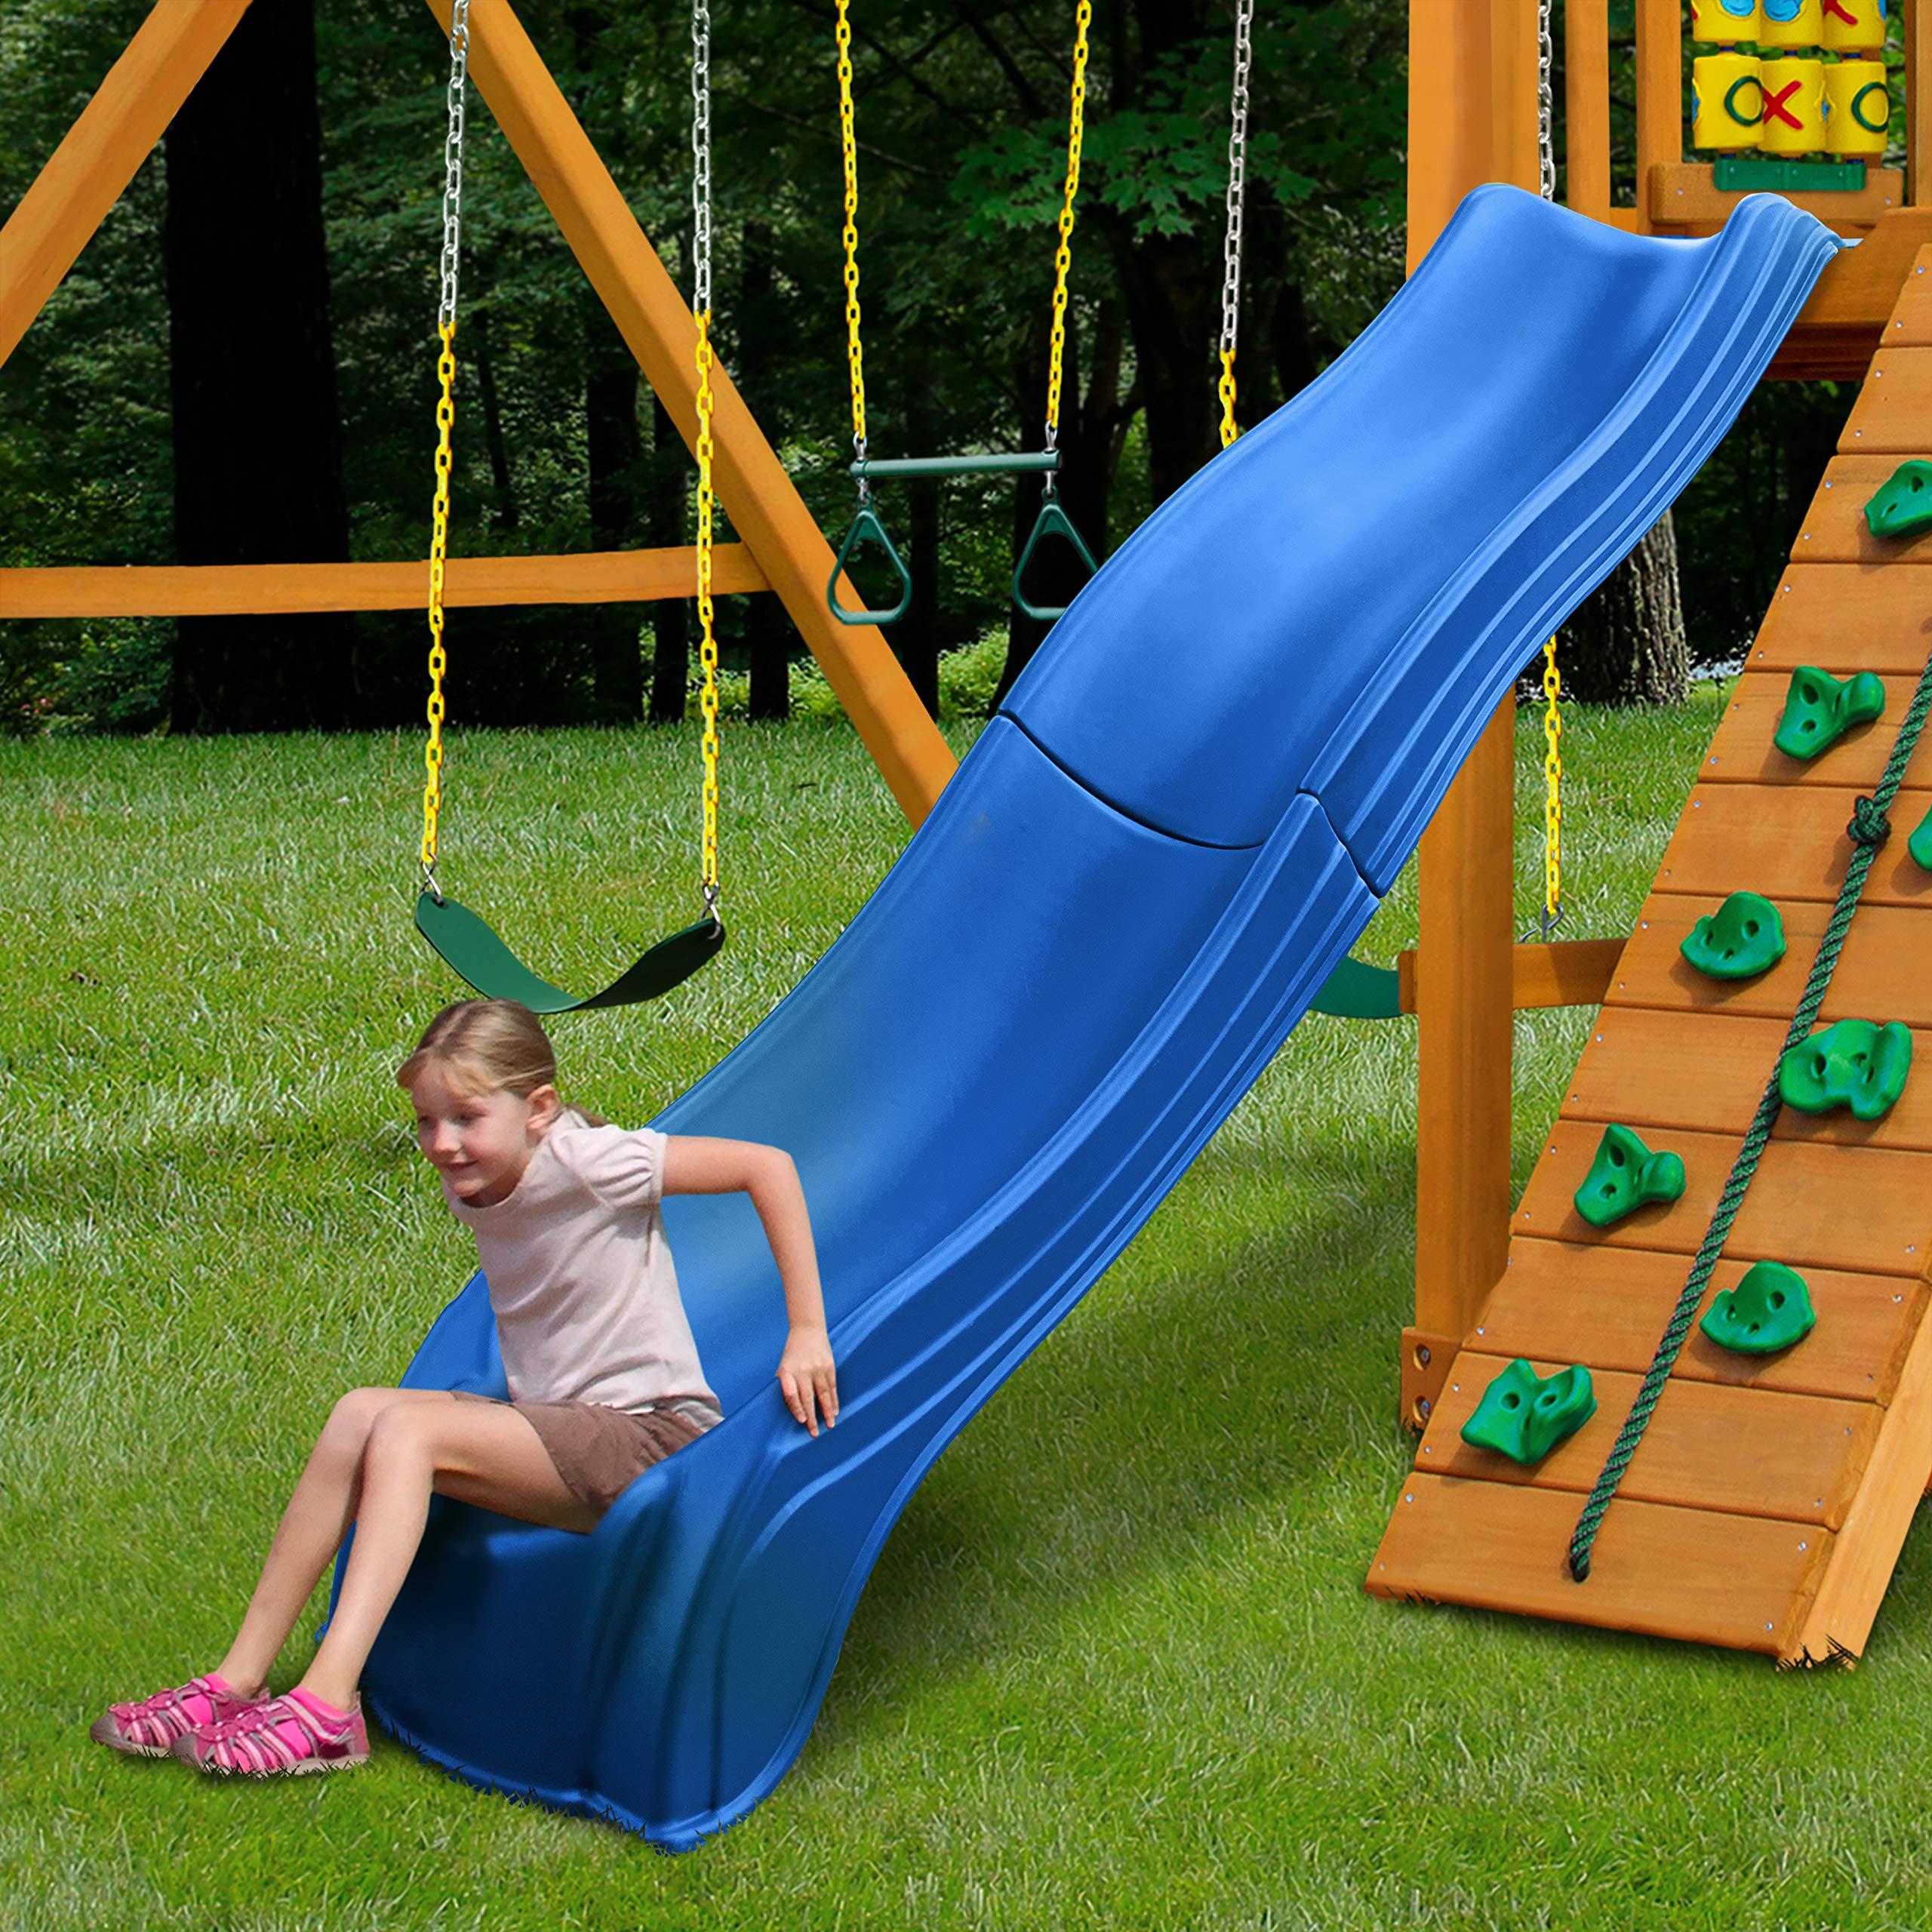 Swing-N-Slide WS 5032 Olympus Wave Slide 2 Piece Plastic Slide for 5' Decks, Blue by Swing-N-Slide (Image #2)